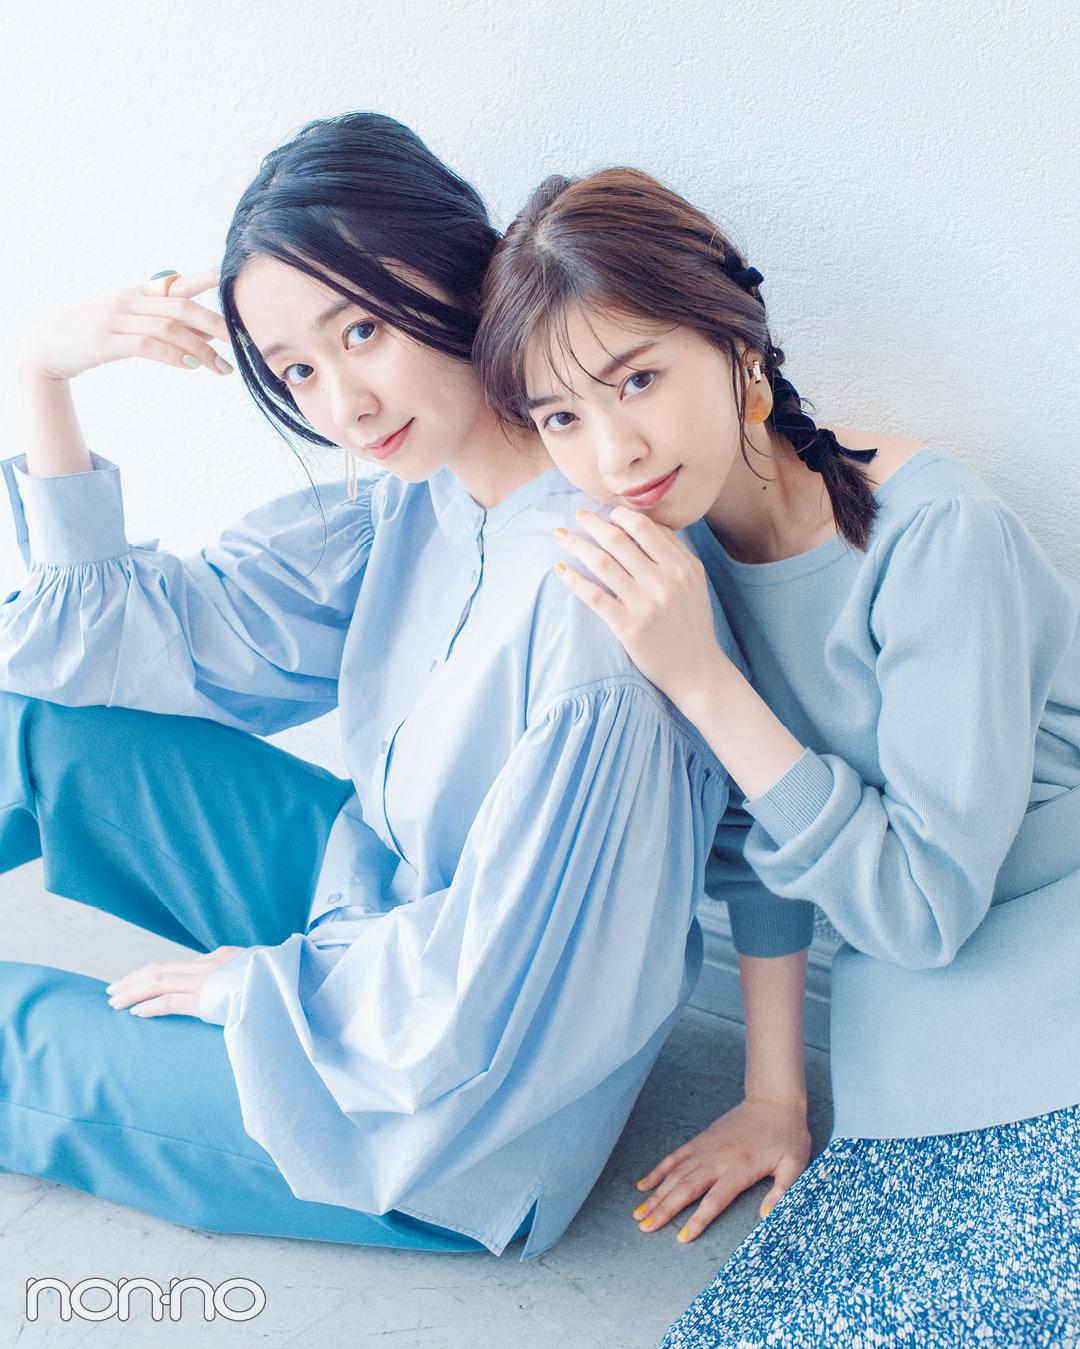 西野七瀬&堀田真由の春のあいまいカラーコーデ♡ 寒色系パステルならこんな感じ!_1_3